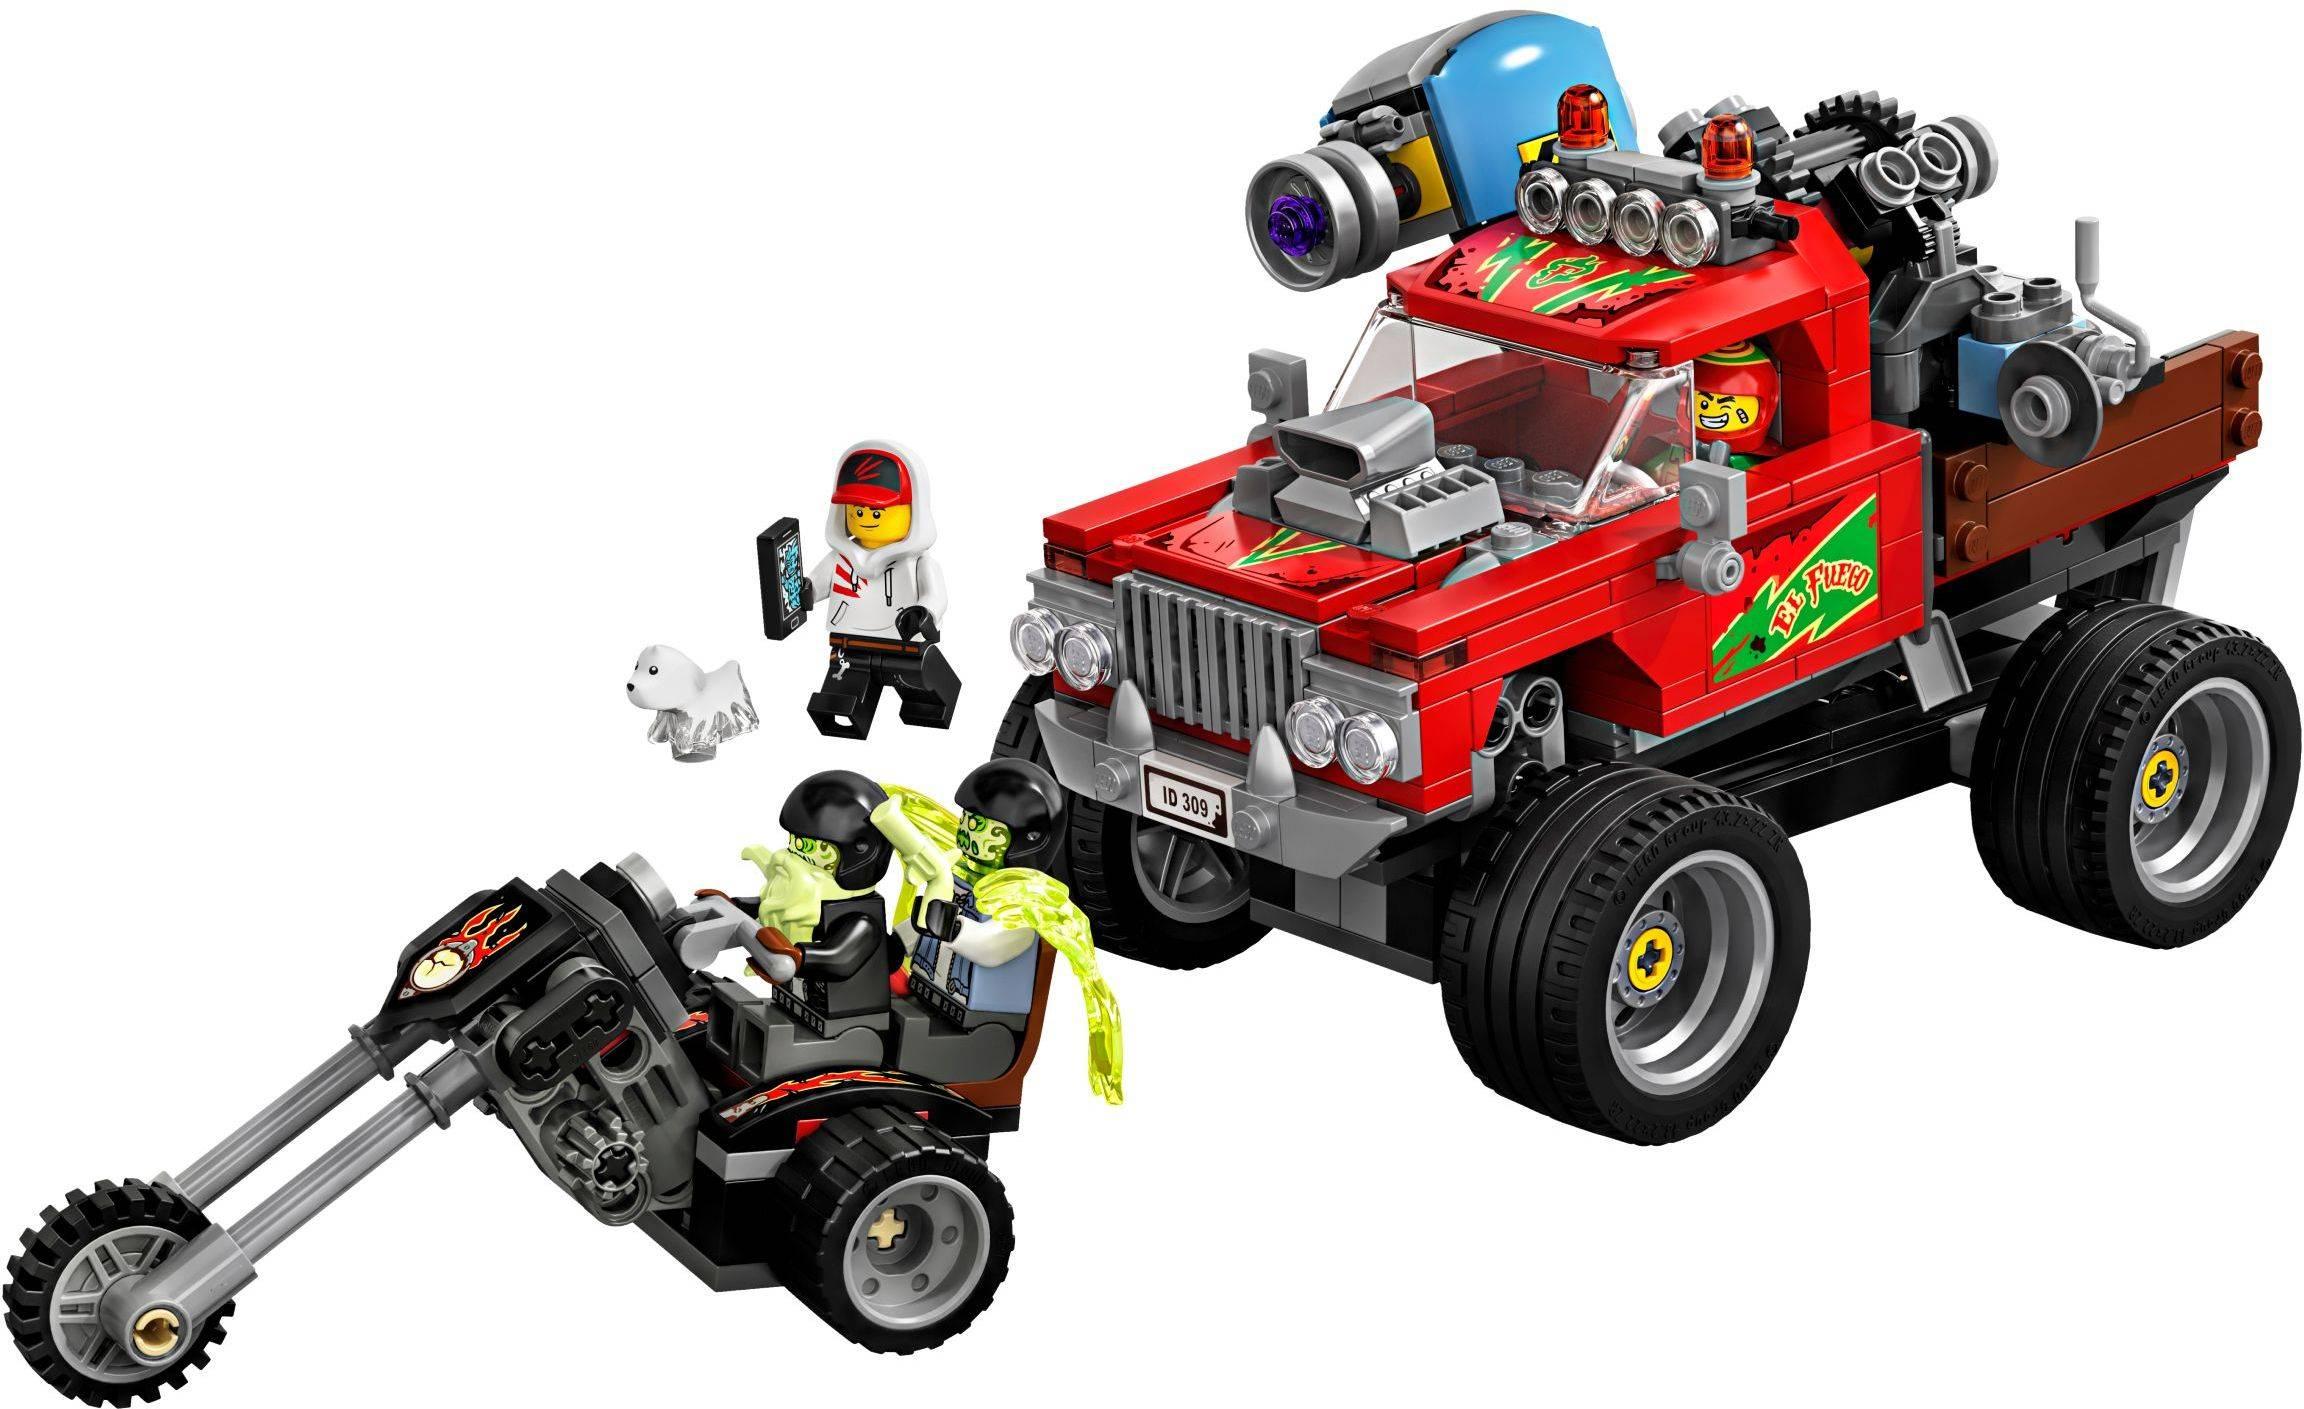 70421-1: El Fuego's Stunt Truck